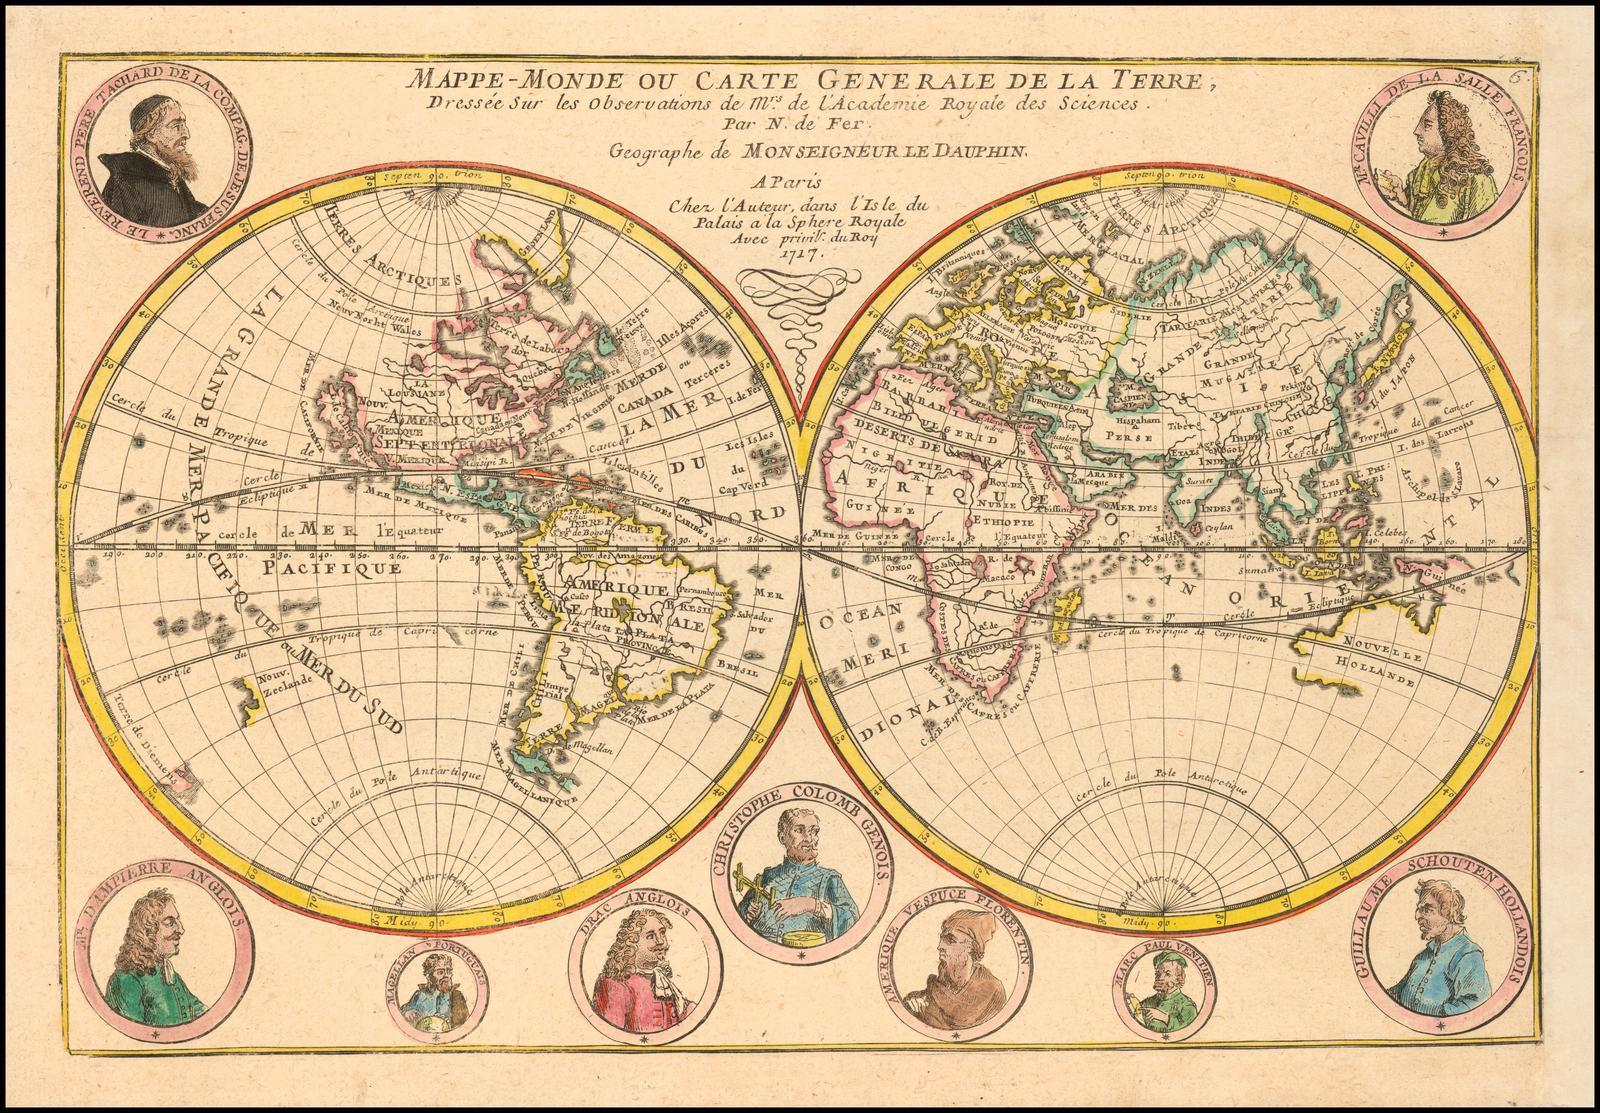 Редкая карта Николя де Фера 1717 года с портретами великих исследователей